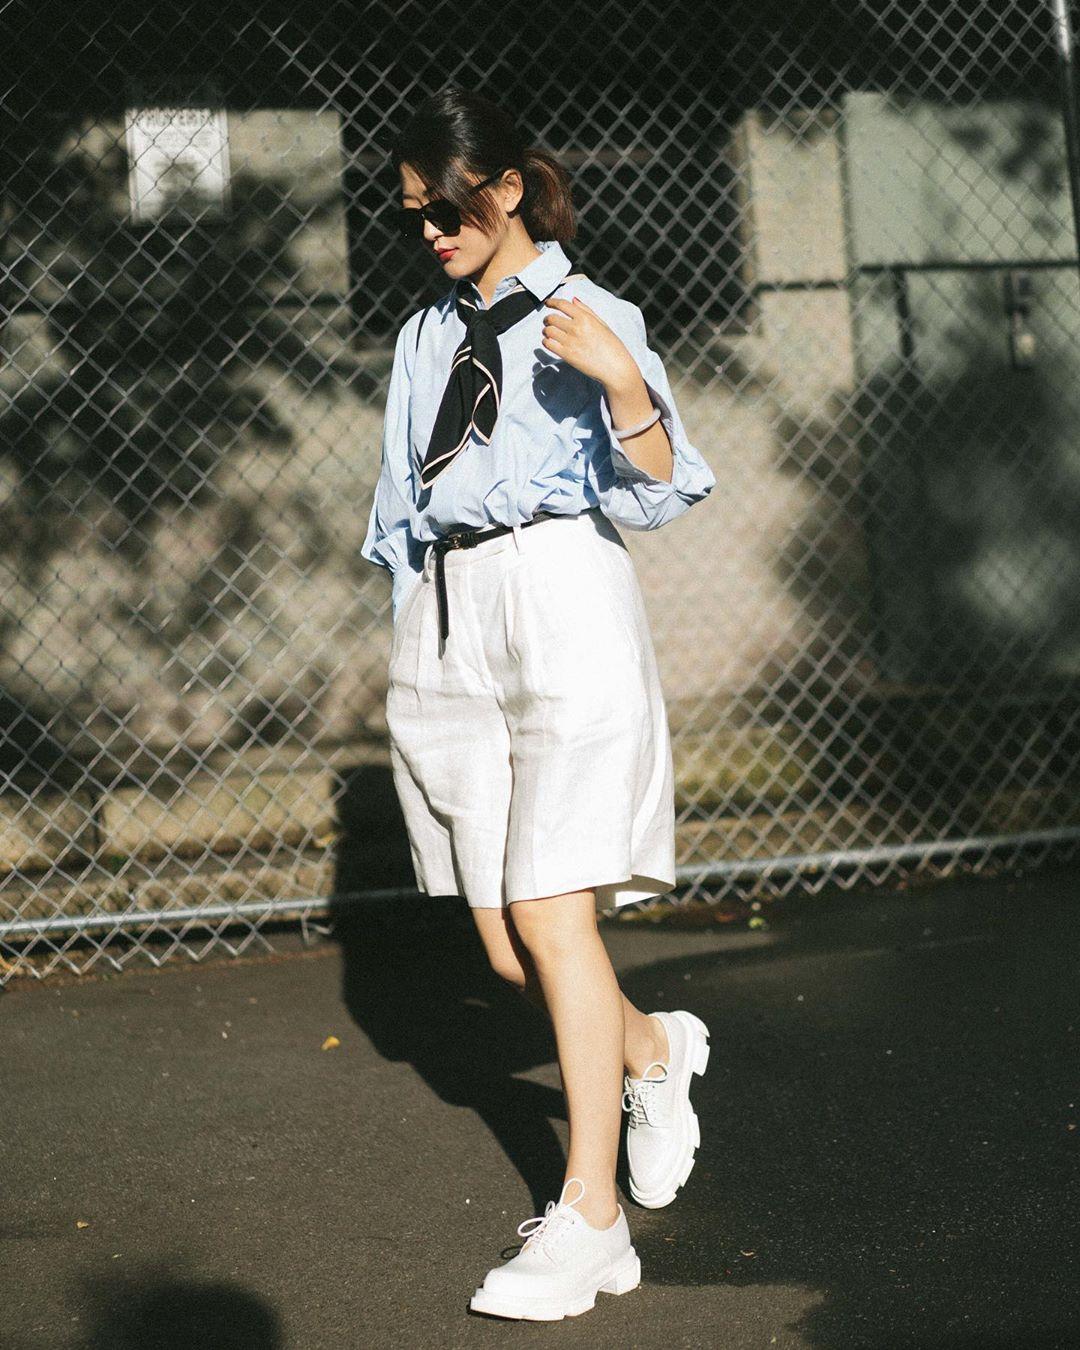 Cô gái phối đồ công sở phong cách menswear áo sơ mi xanh quần bermuda trắng